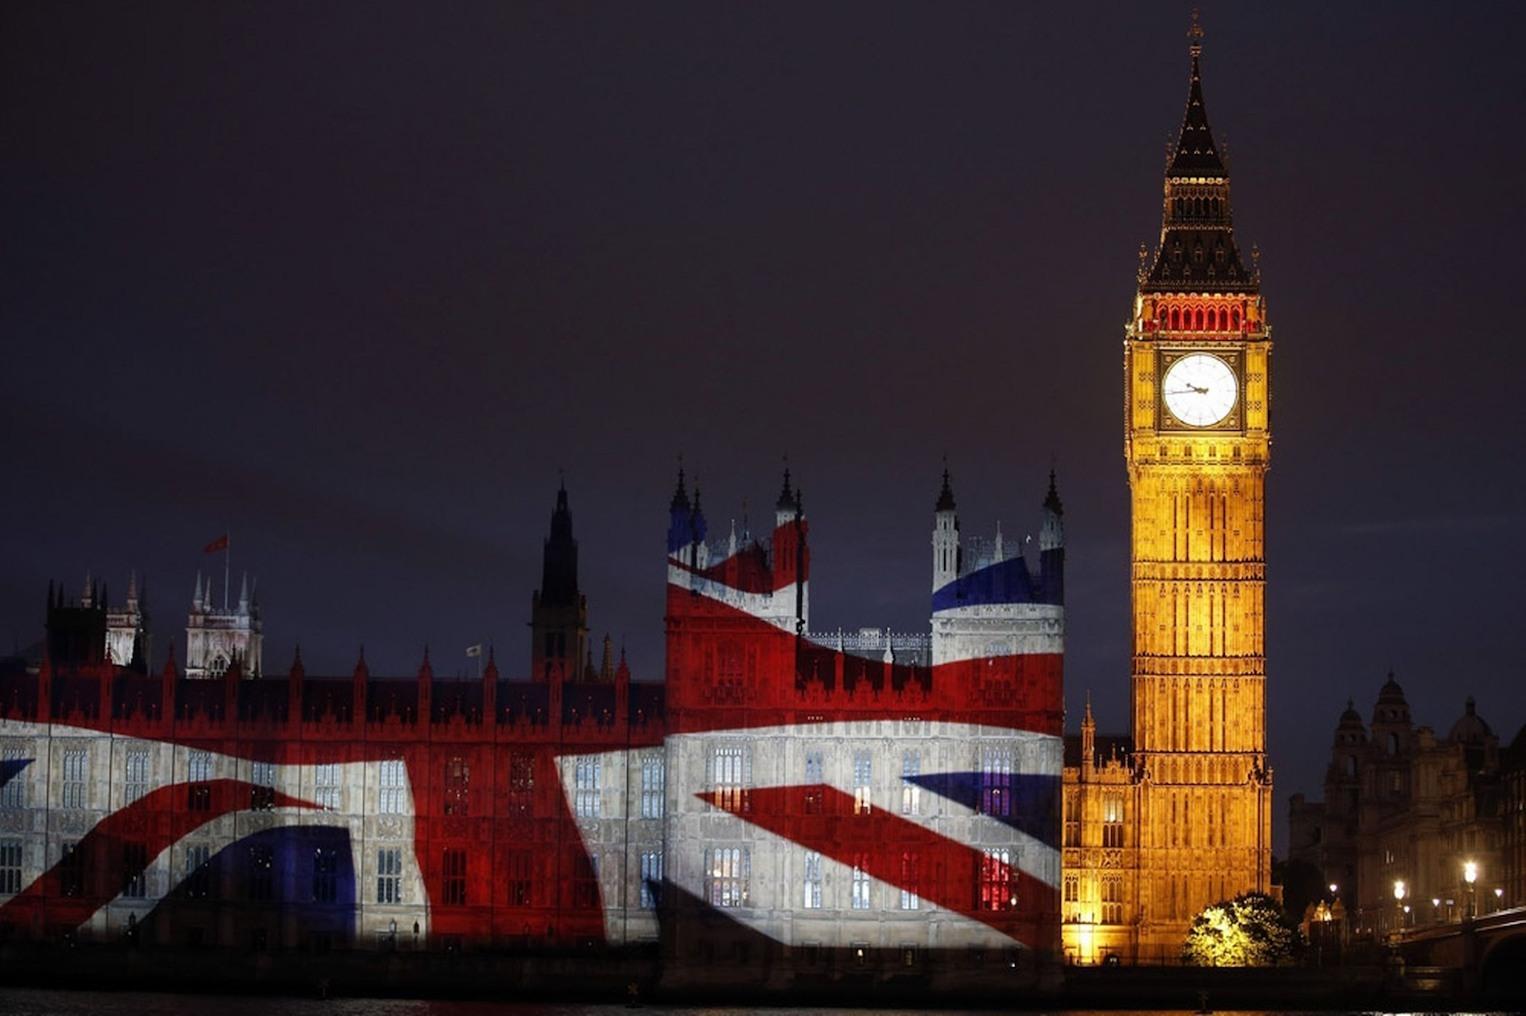 بریکس، پاشنه آشیل صنعت گردشگری بریتانیا